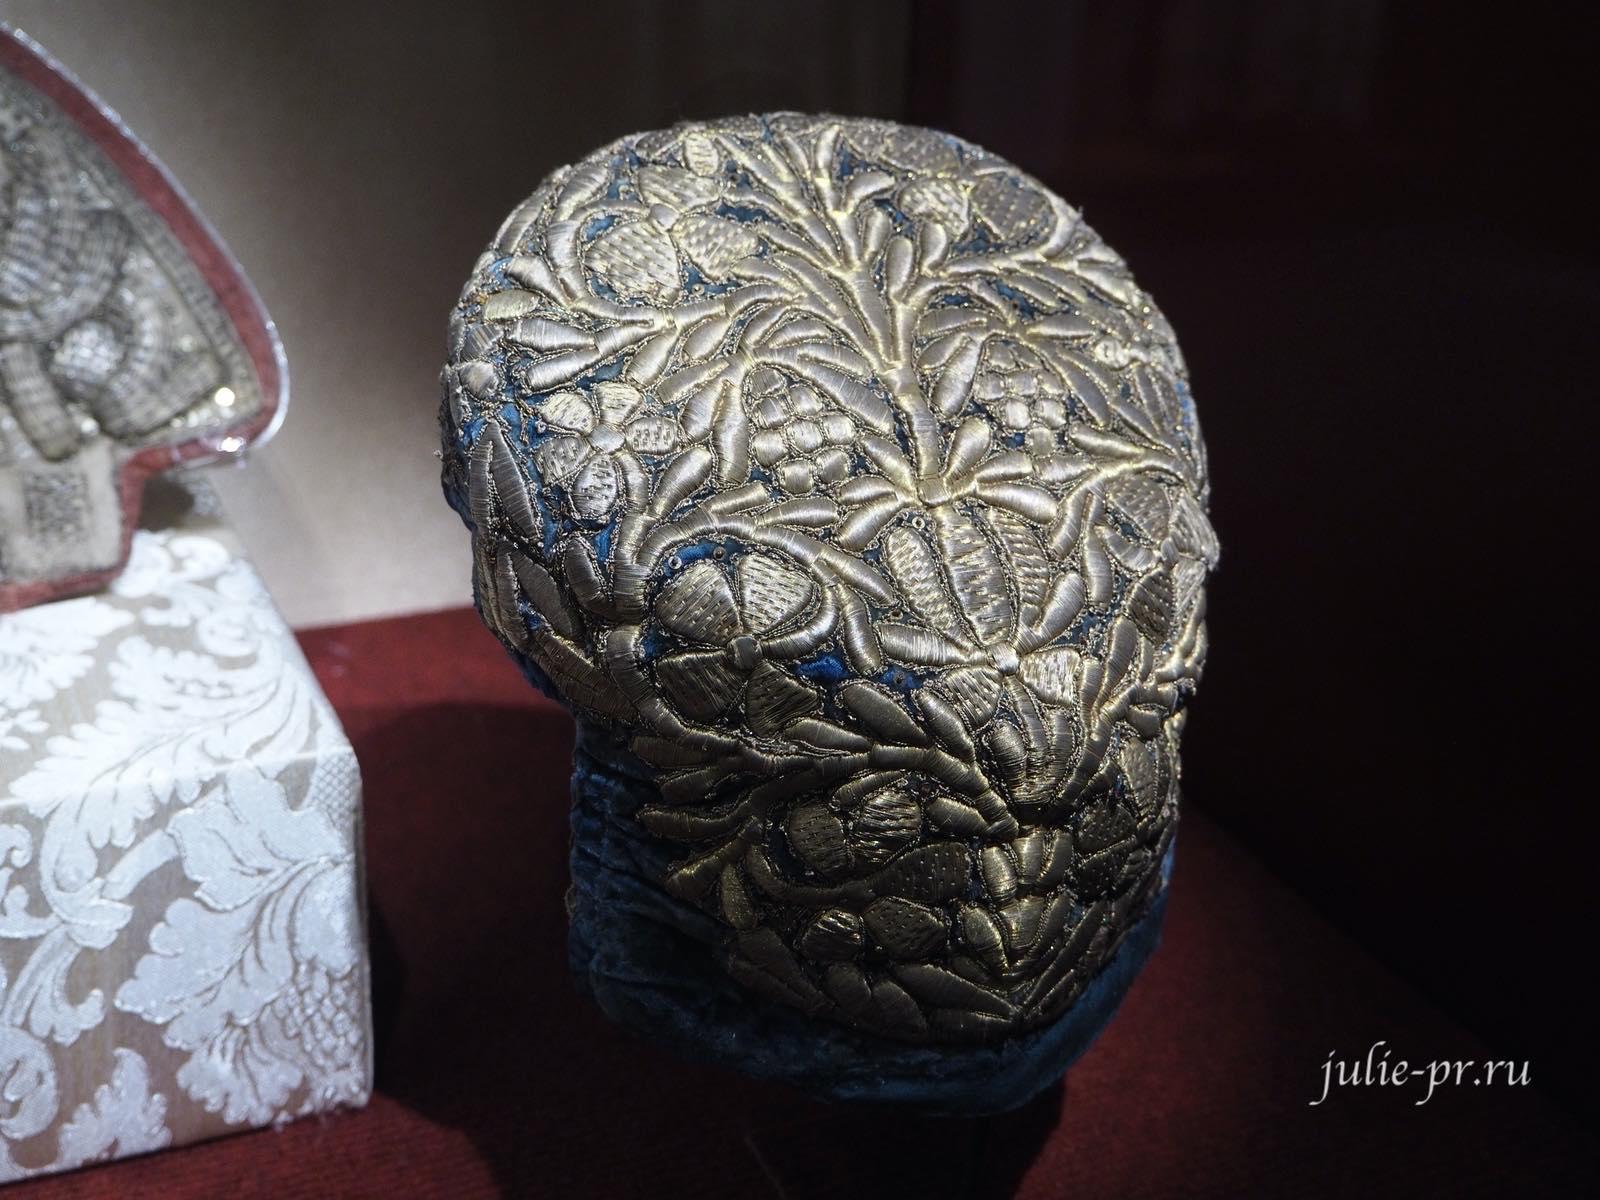 Женский головной убор (Россия, XIX век): вышивка золотом